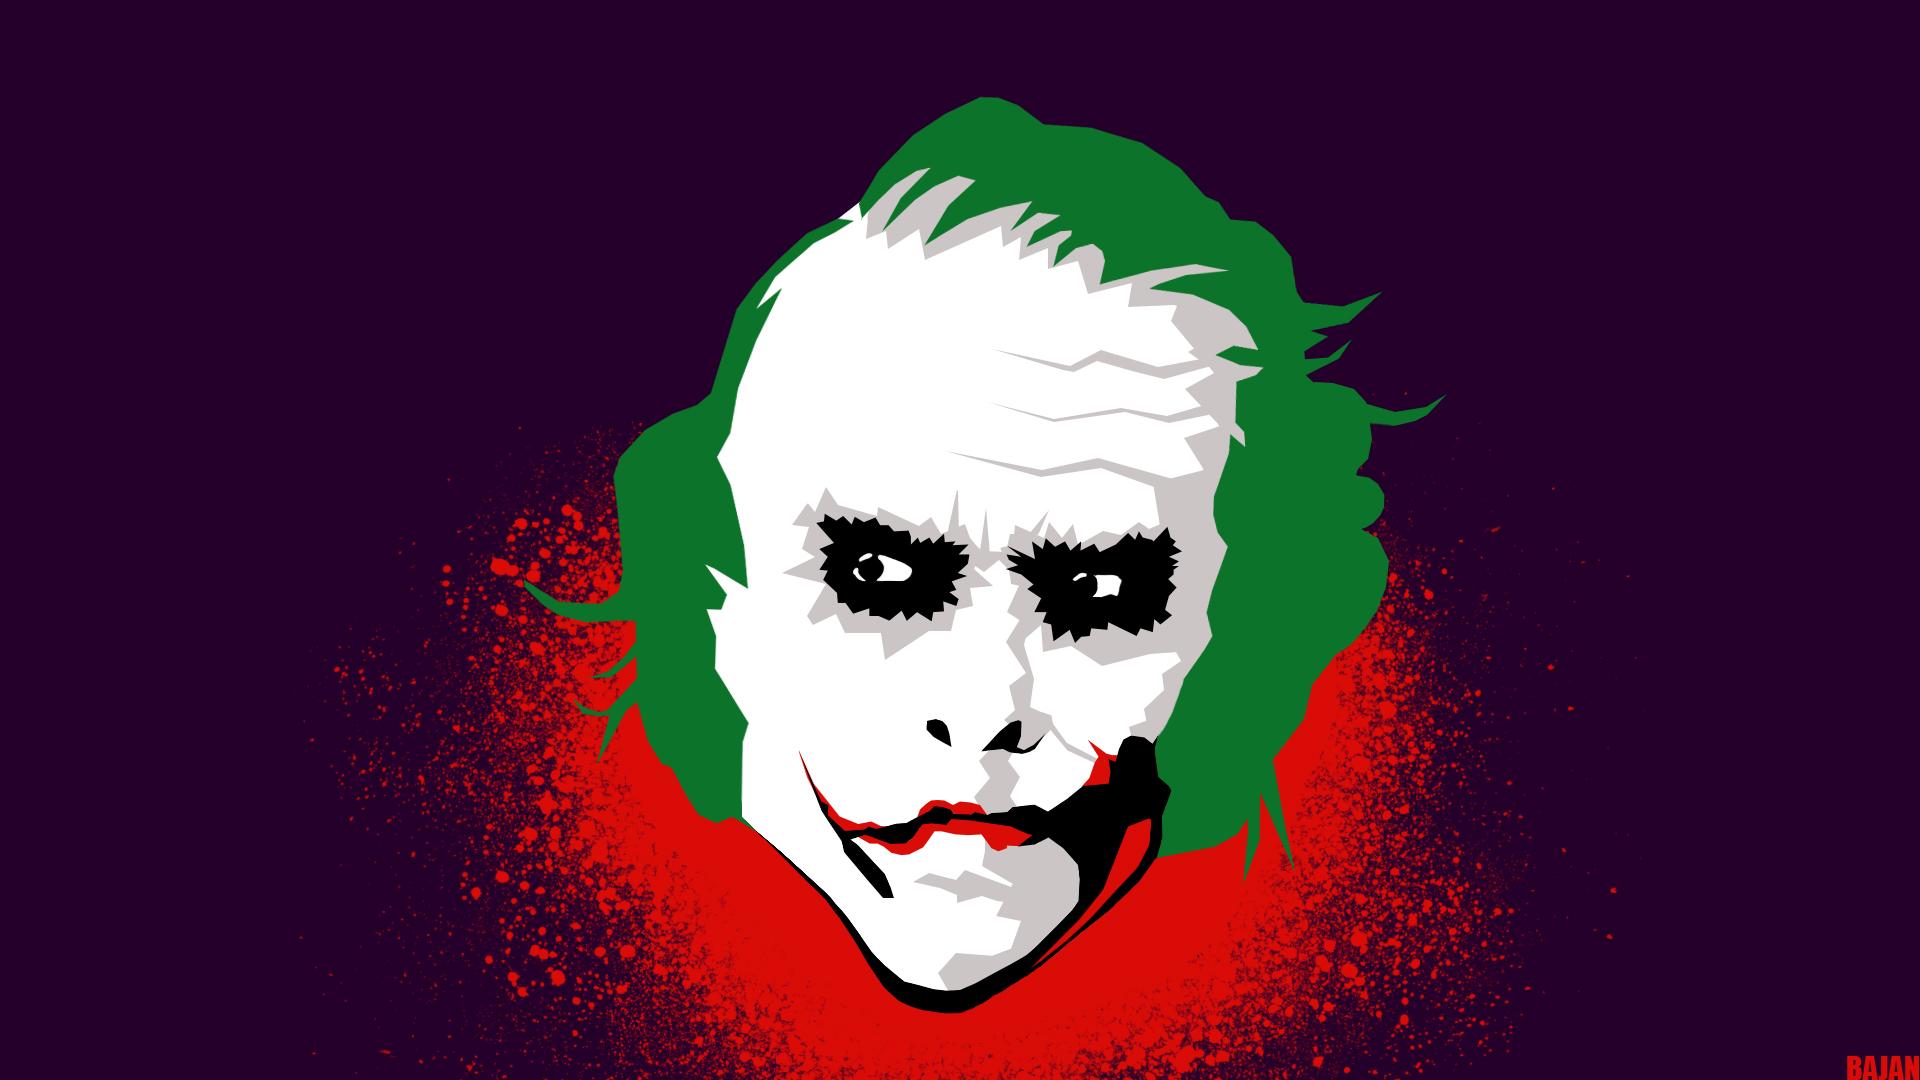 Joker computer wallpapers desktop backgrounds 1920x1080 for Desktop joker